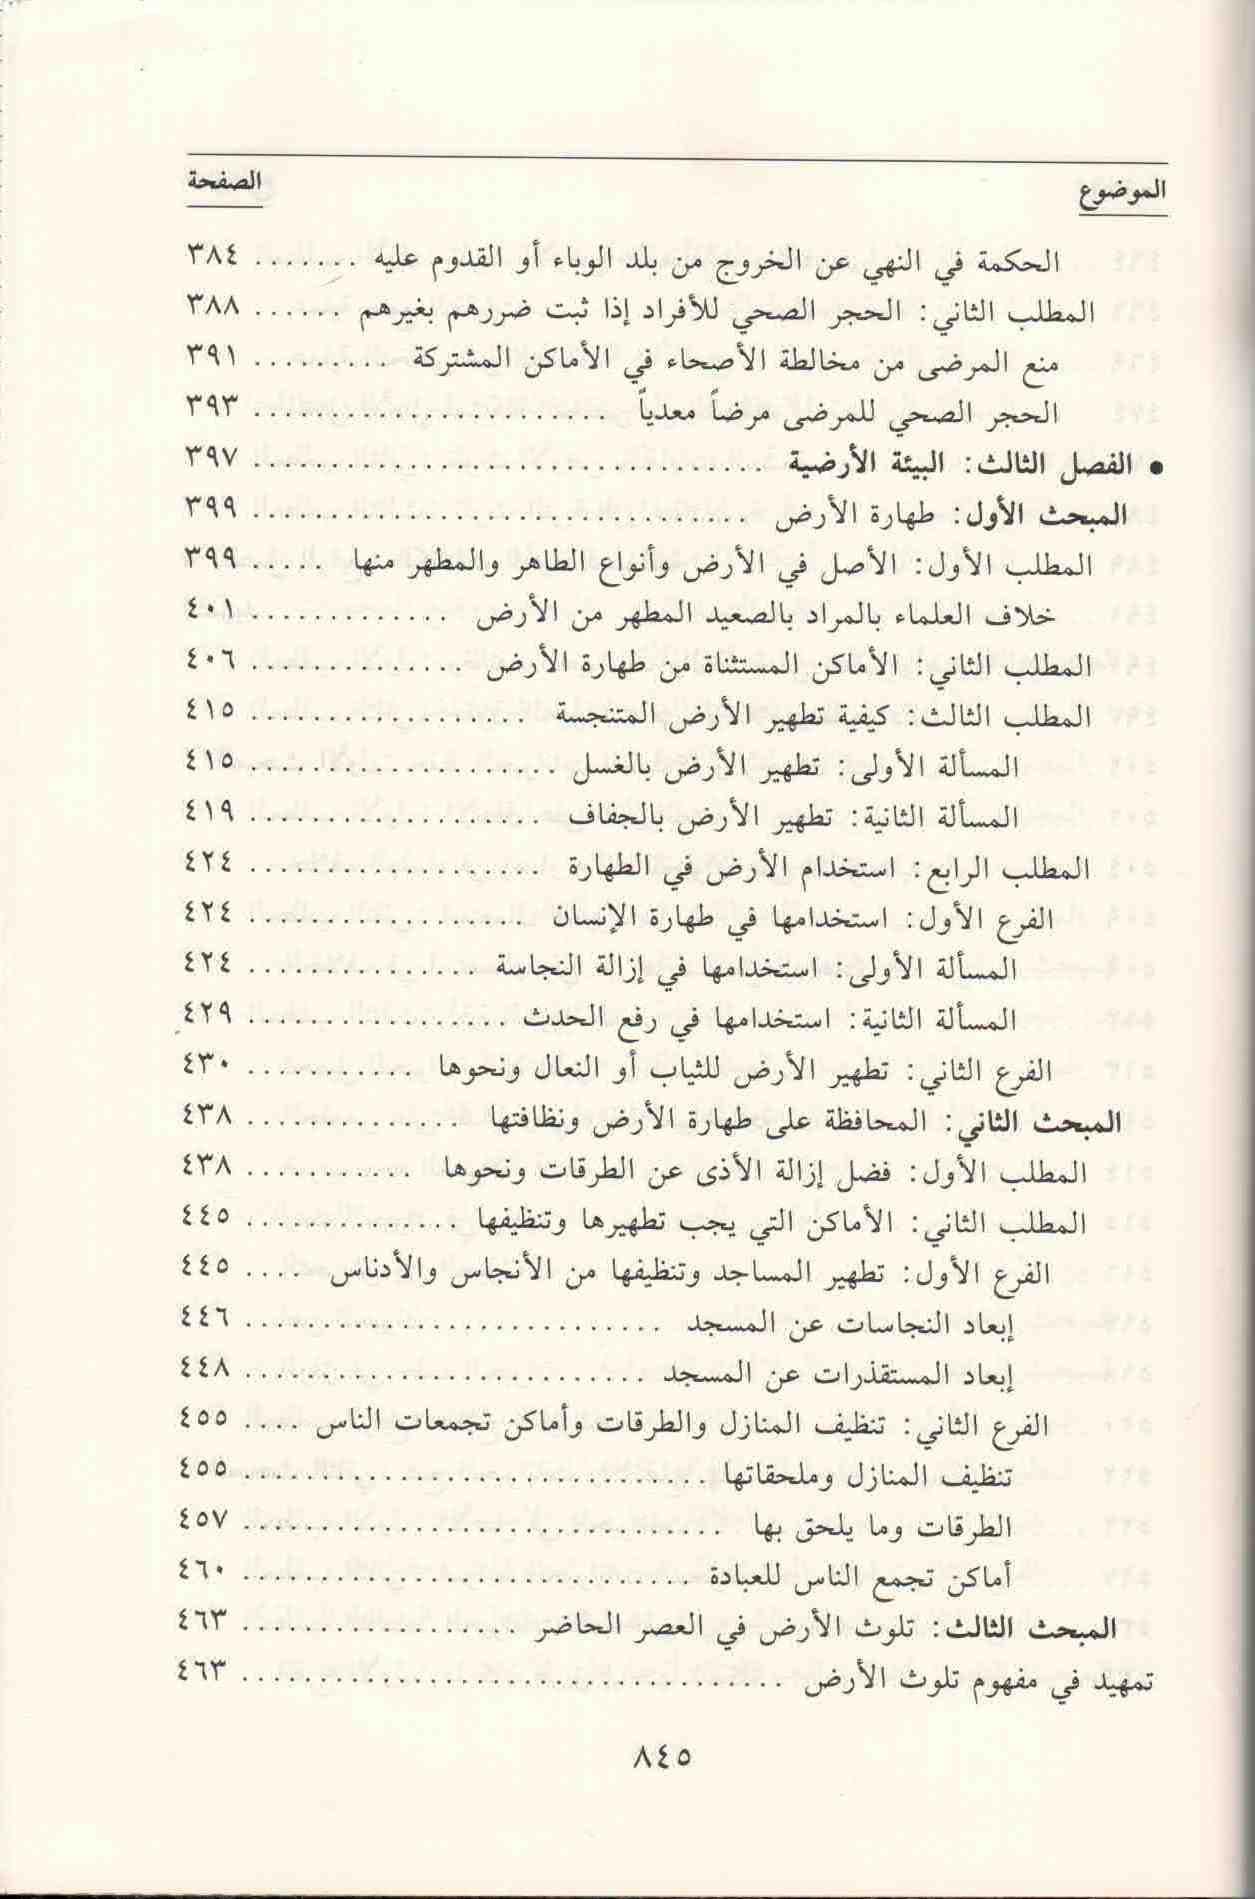 ص 845 محتويات كتاب أحكام البيئة